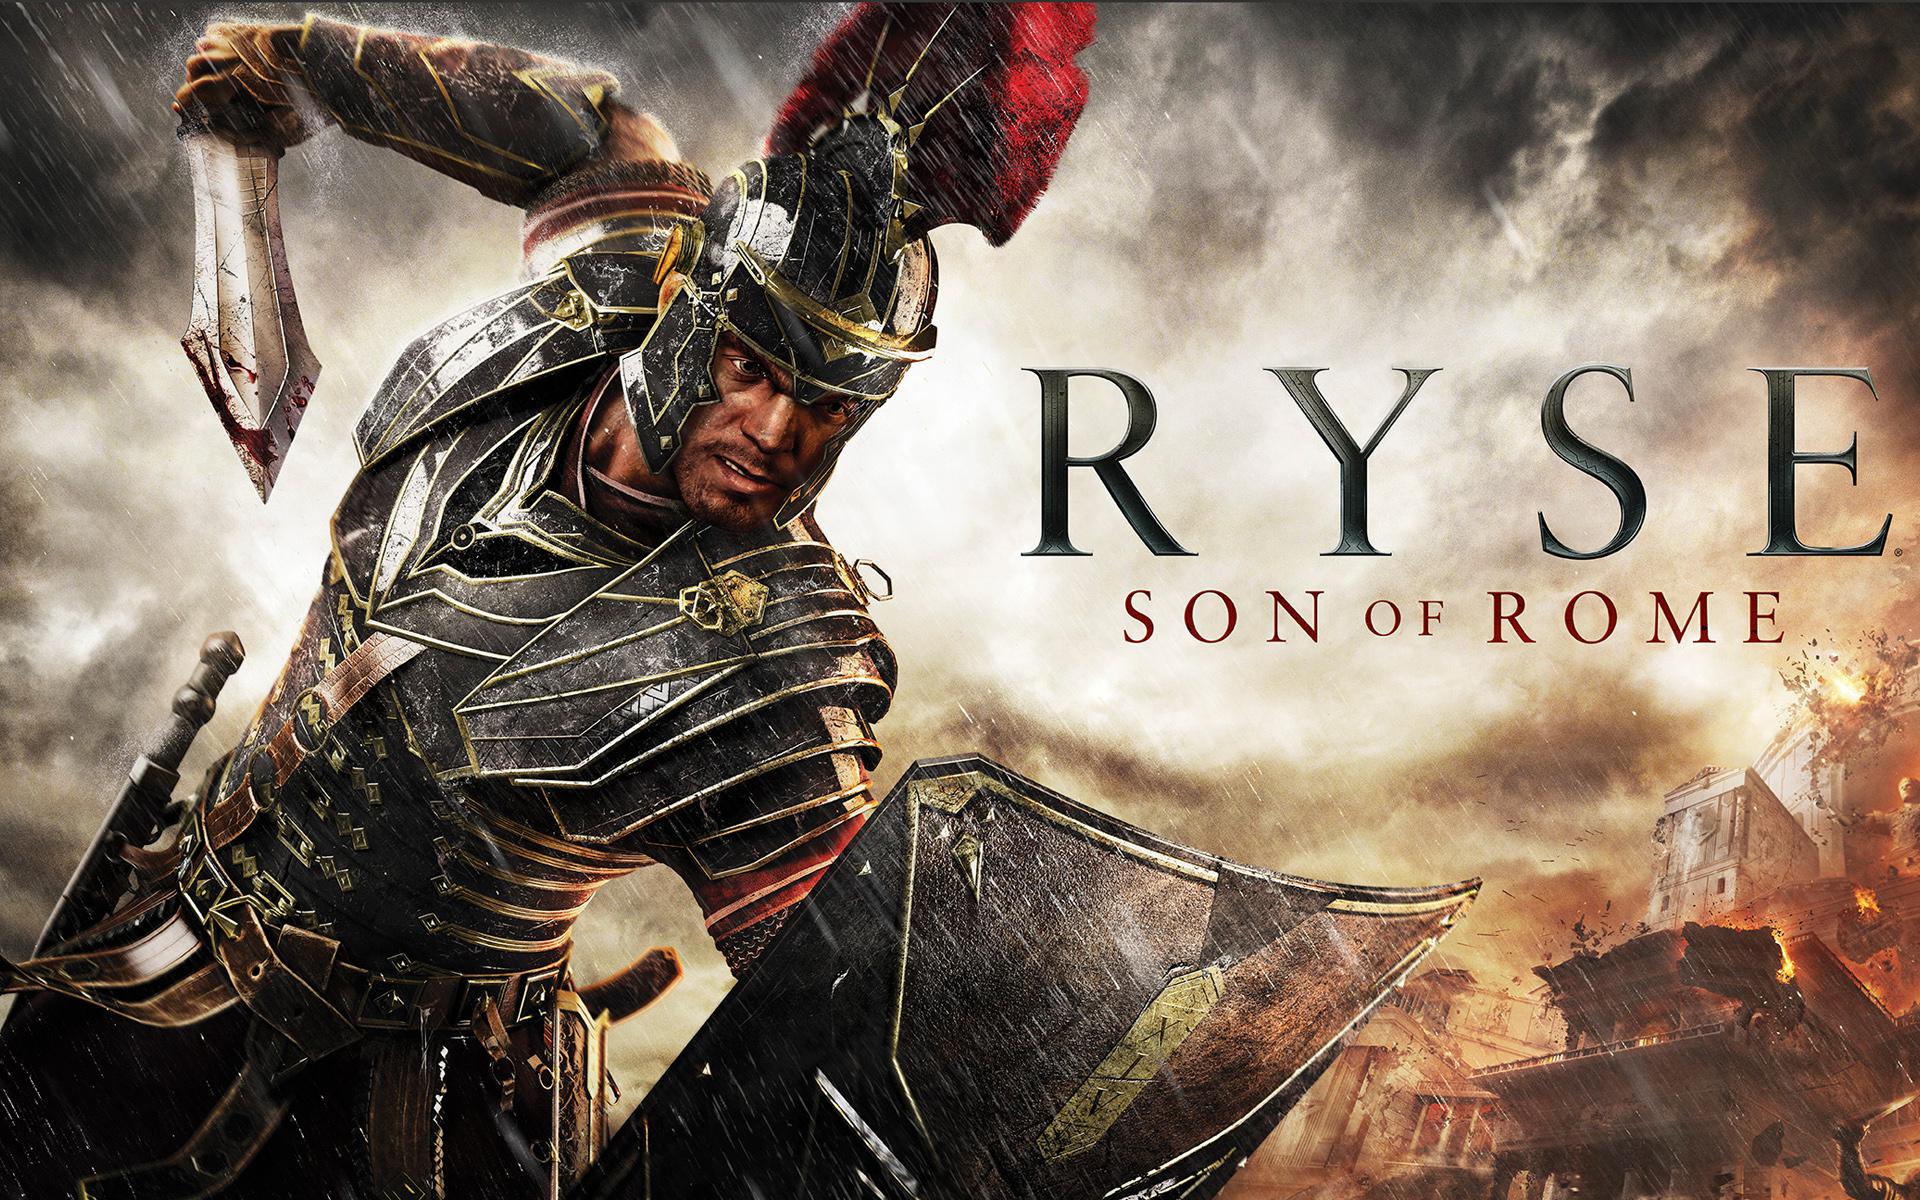 Cliquez sur l'image pour la voir en taille réelle  Nom : Ryse  Son of Rome.jpg Affichages : 50 Taille : 1,45 Mo ID : 266494